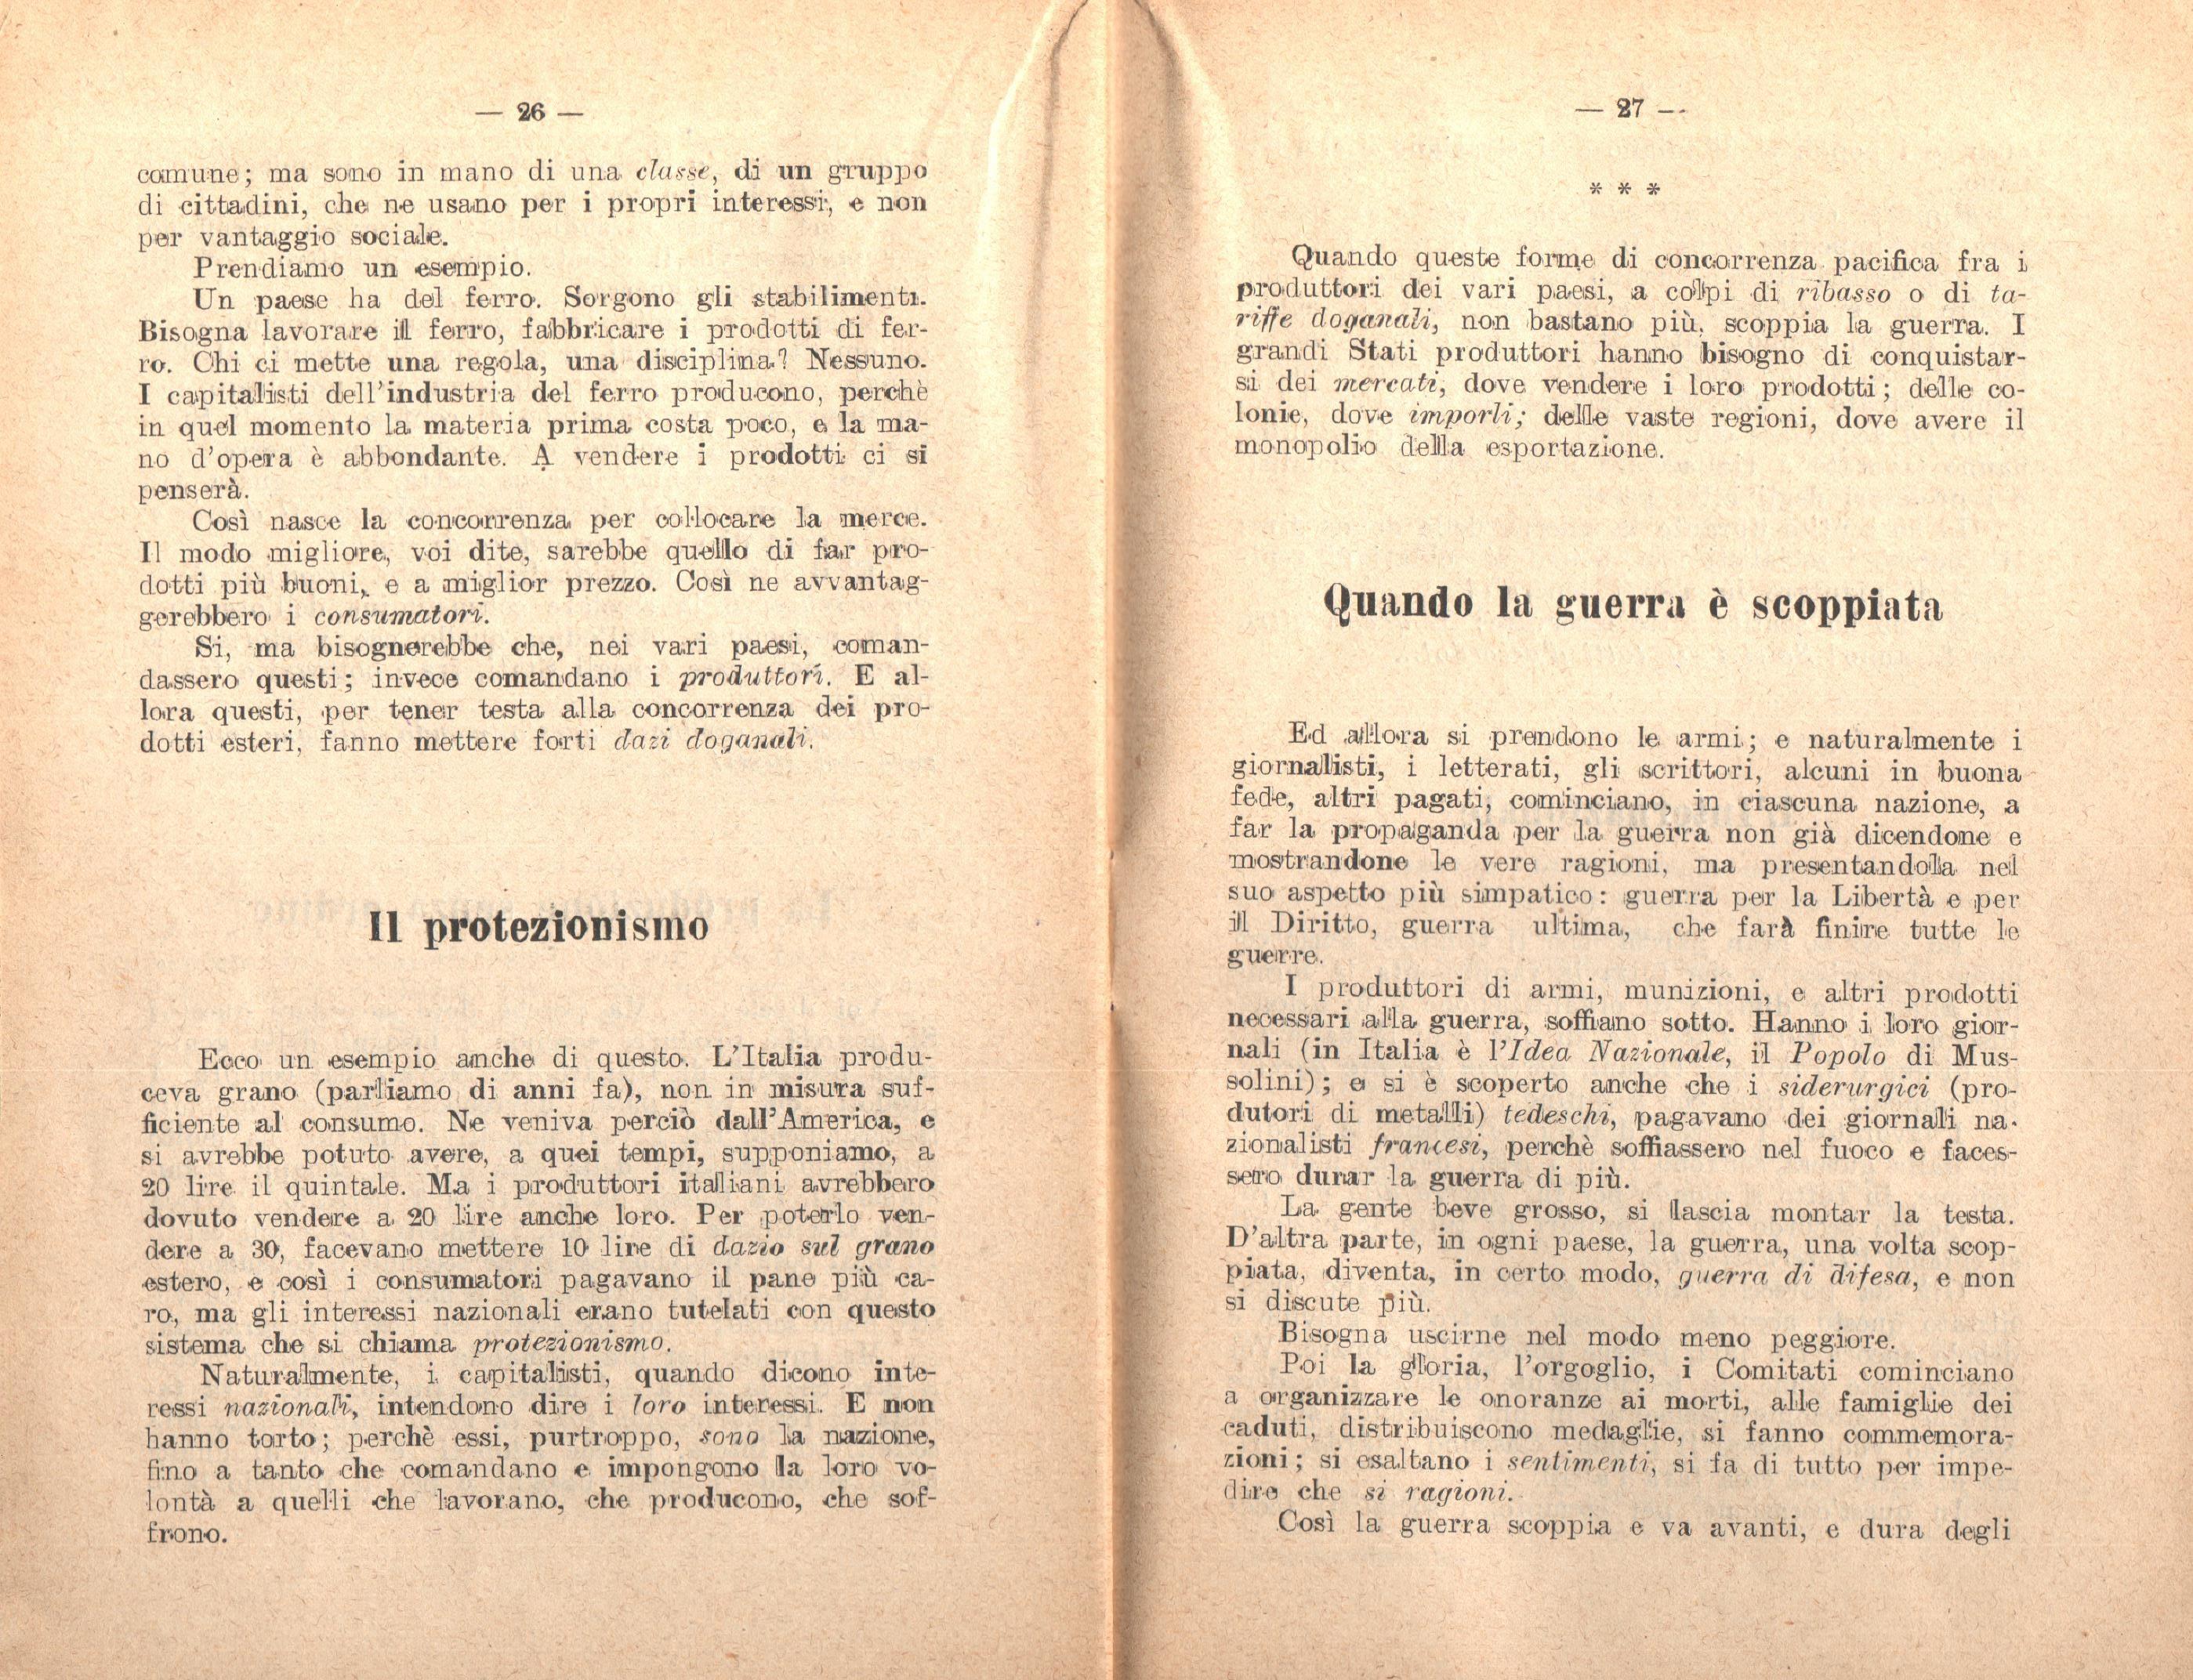 G. Zibordi, Alle donne - pag. 15